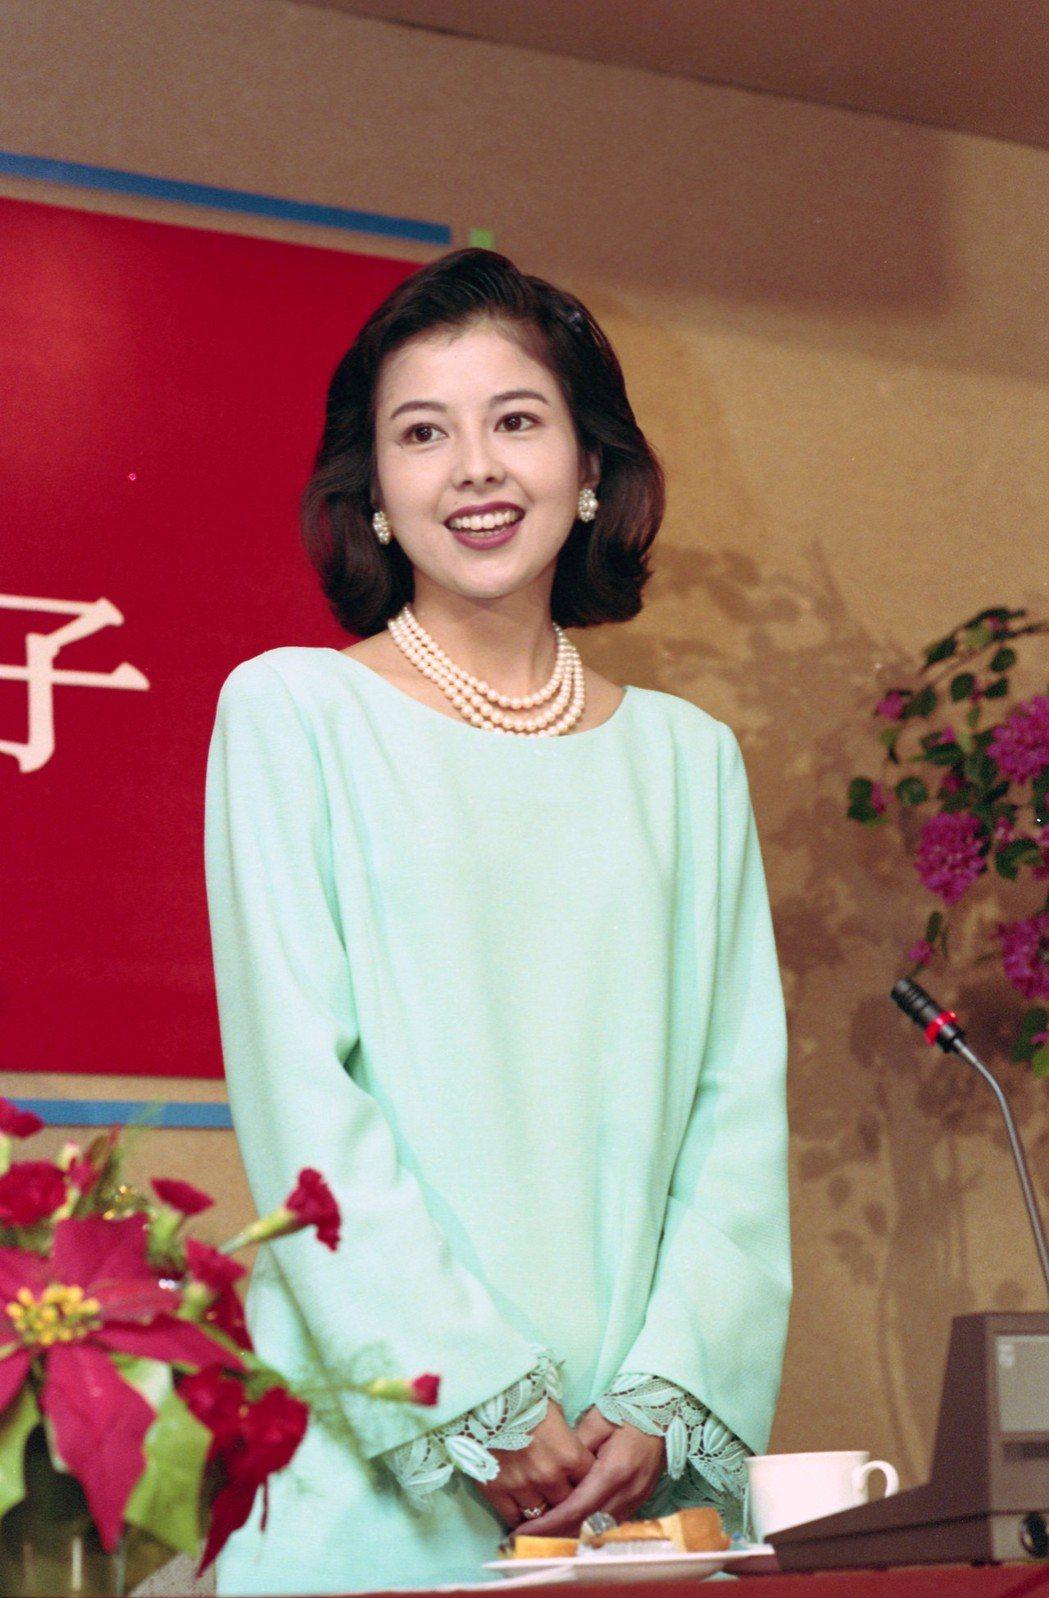 澤口靖子曾來台宣傳日劇「阿香」,倩影令人難忘。圖/報系資料照片